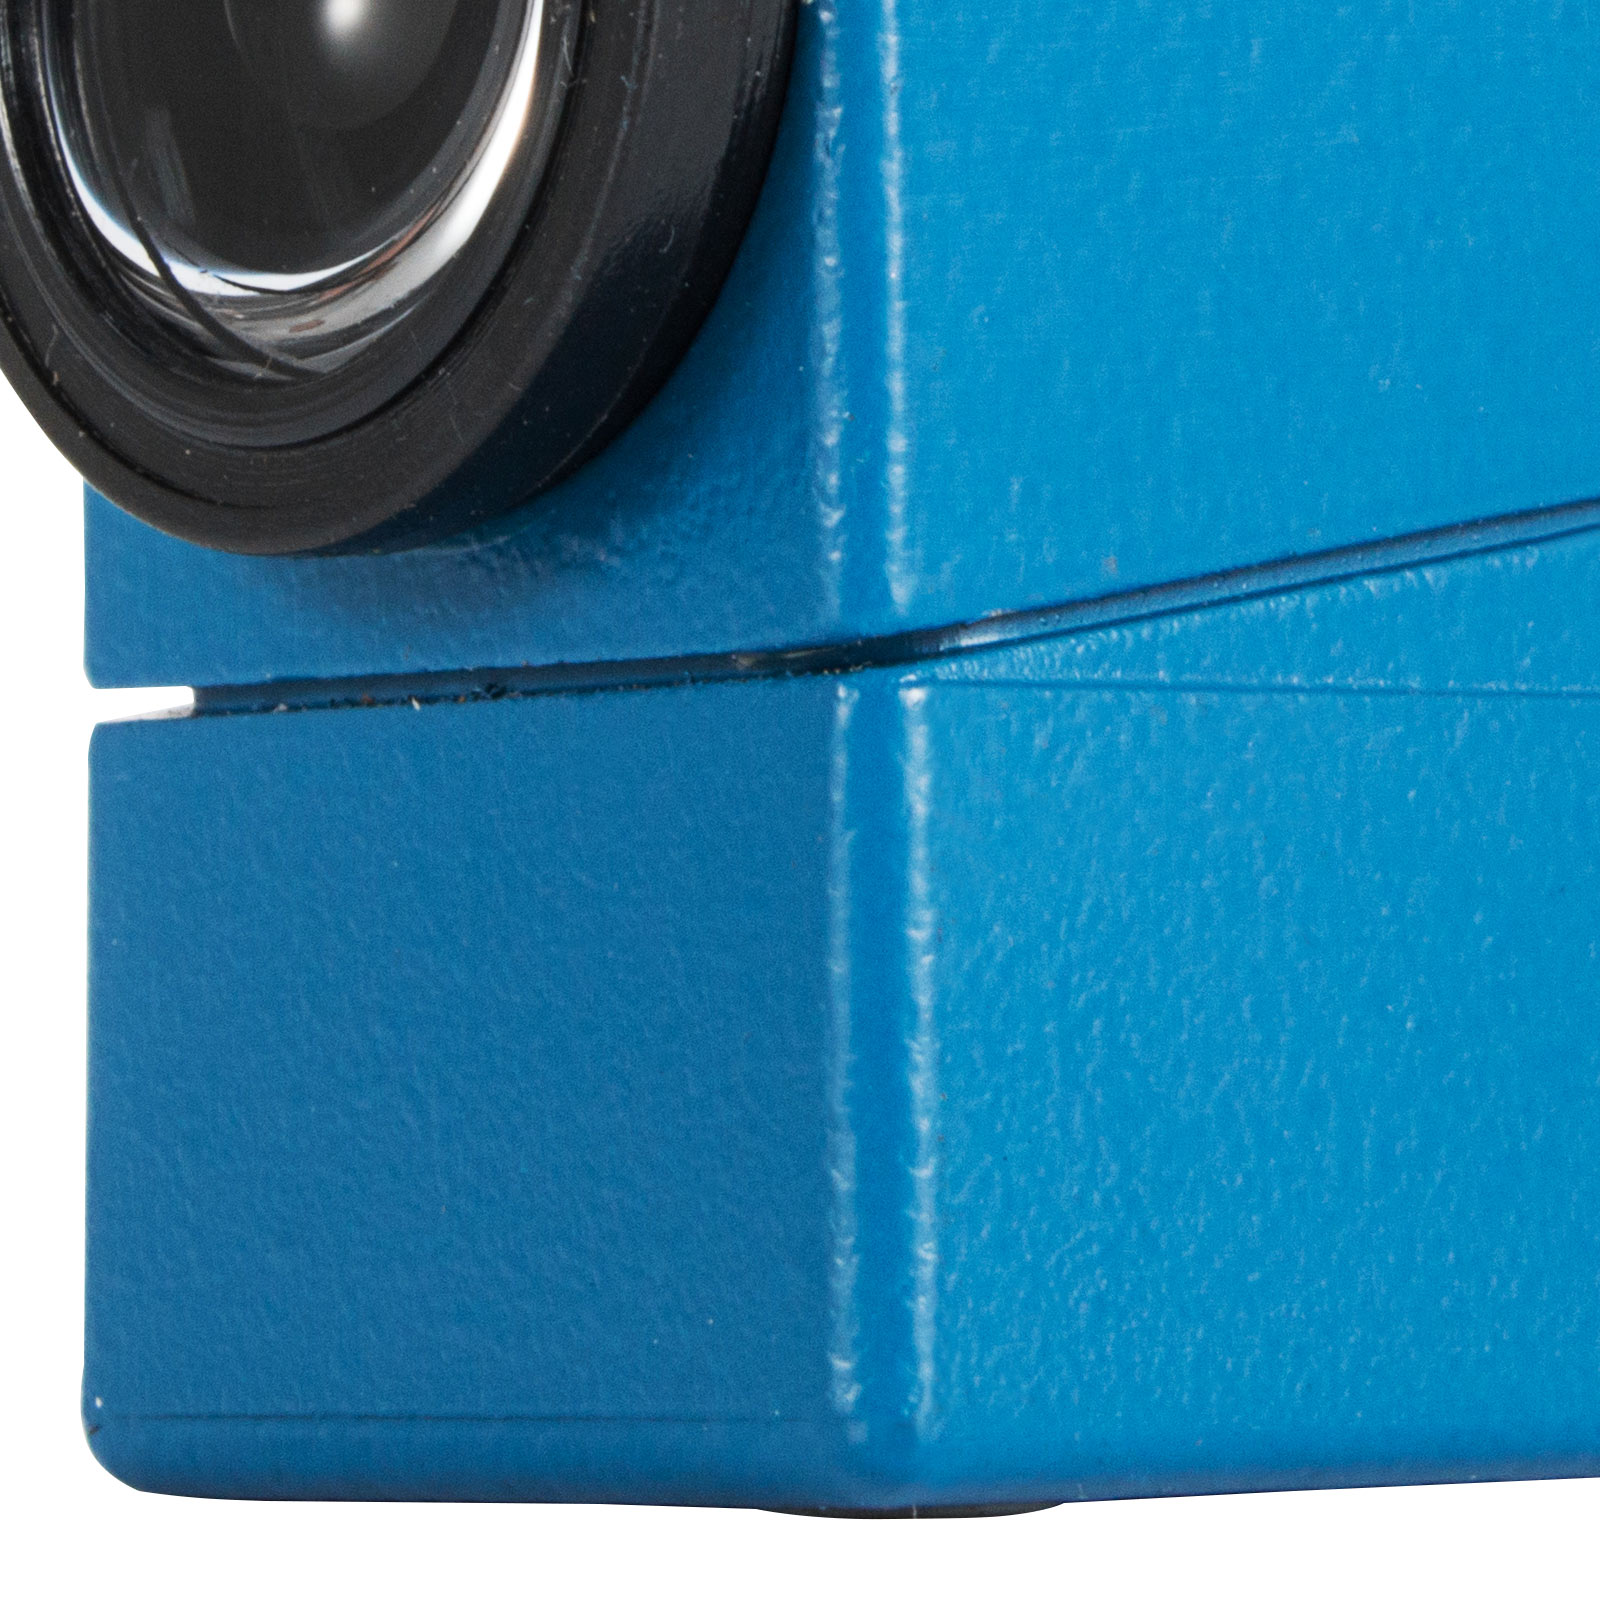 VEVOR Photoelectric Sensor Blue and Green Color Code Sensor GDJ-411 for Packaging Machine 11mm Detect Distance